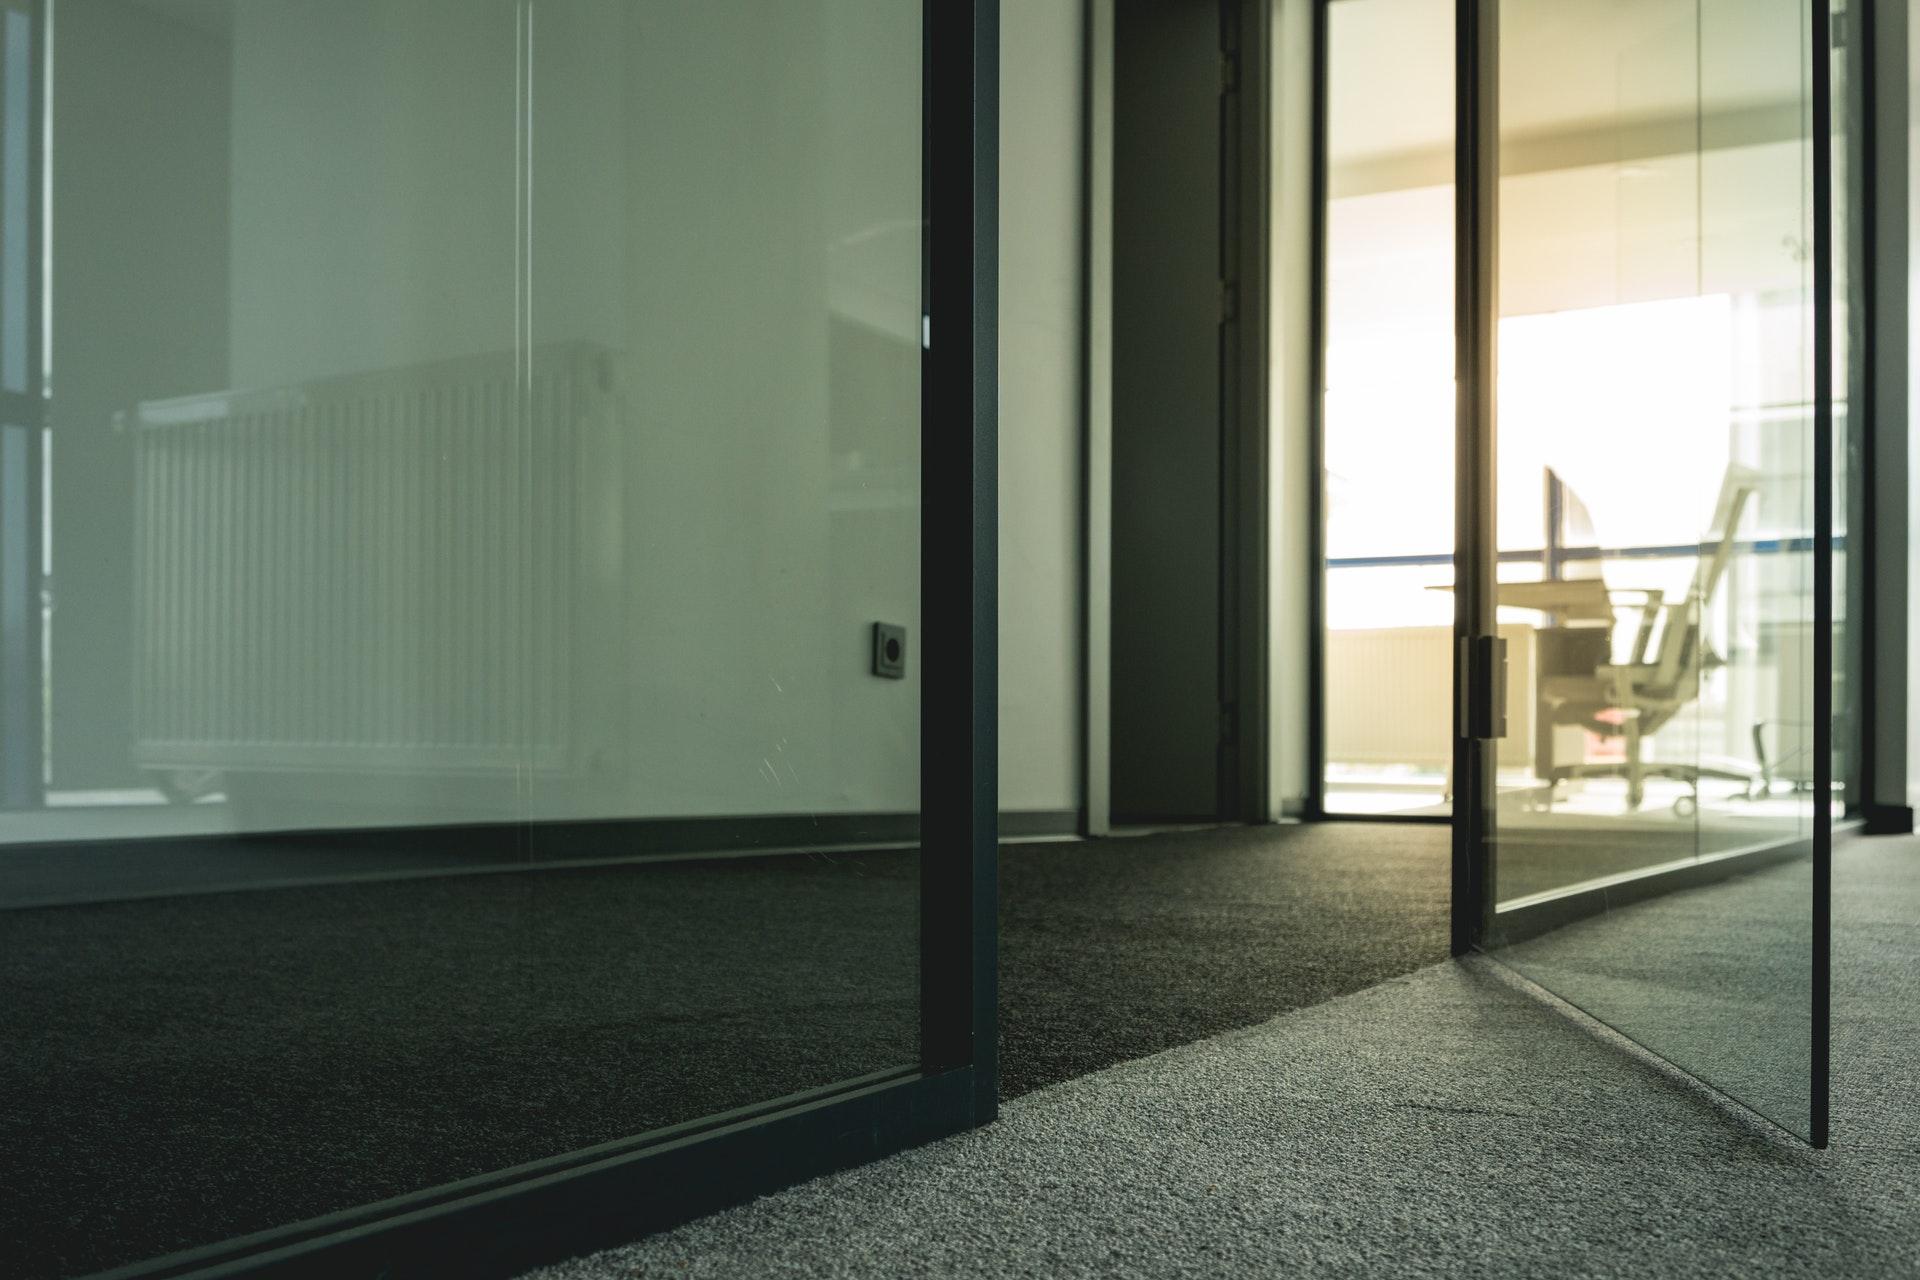 Ordnung und Sauberkeit im Büro